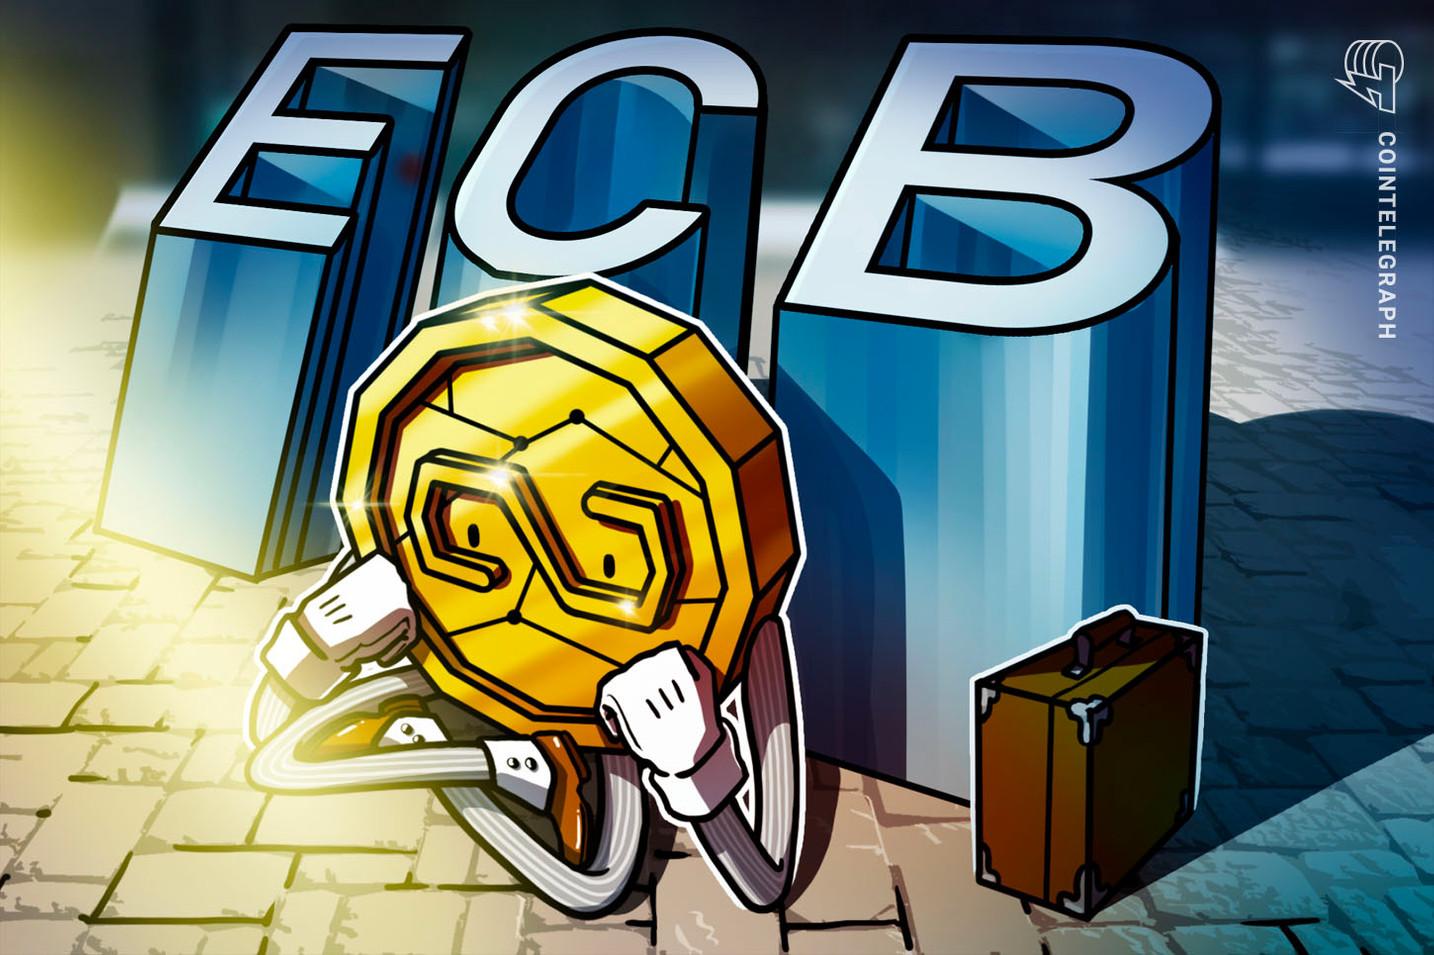 欧州中央銀行「ステーブルコイン規制の明確化必要」 規制の空白化を懸念